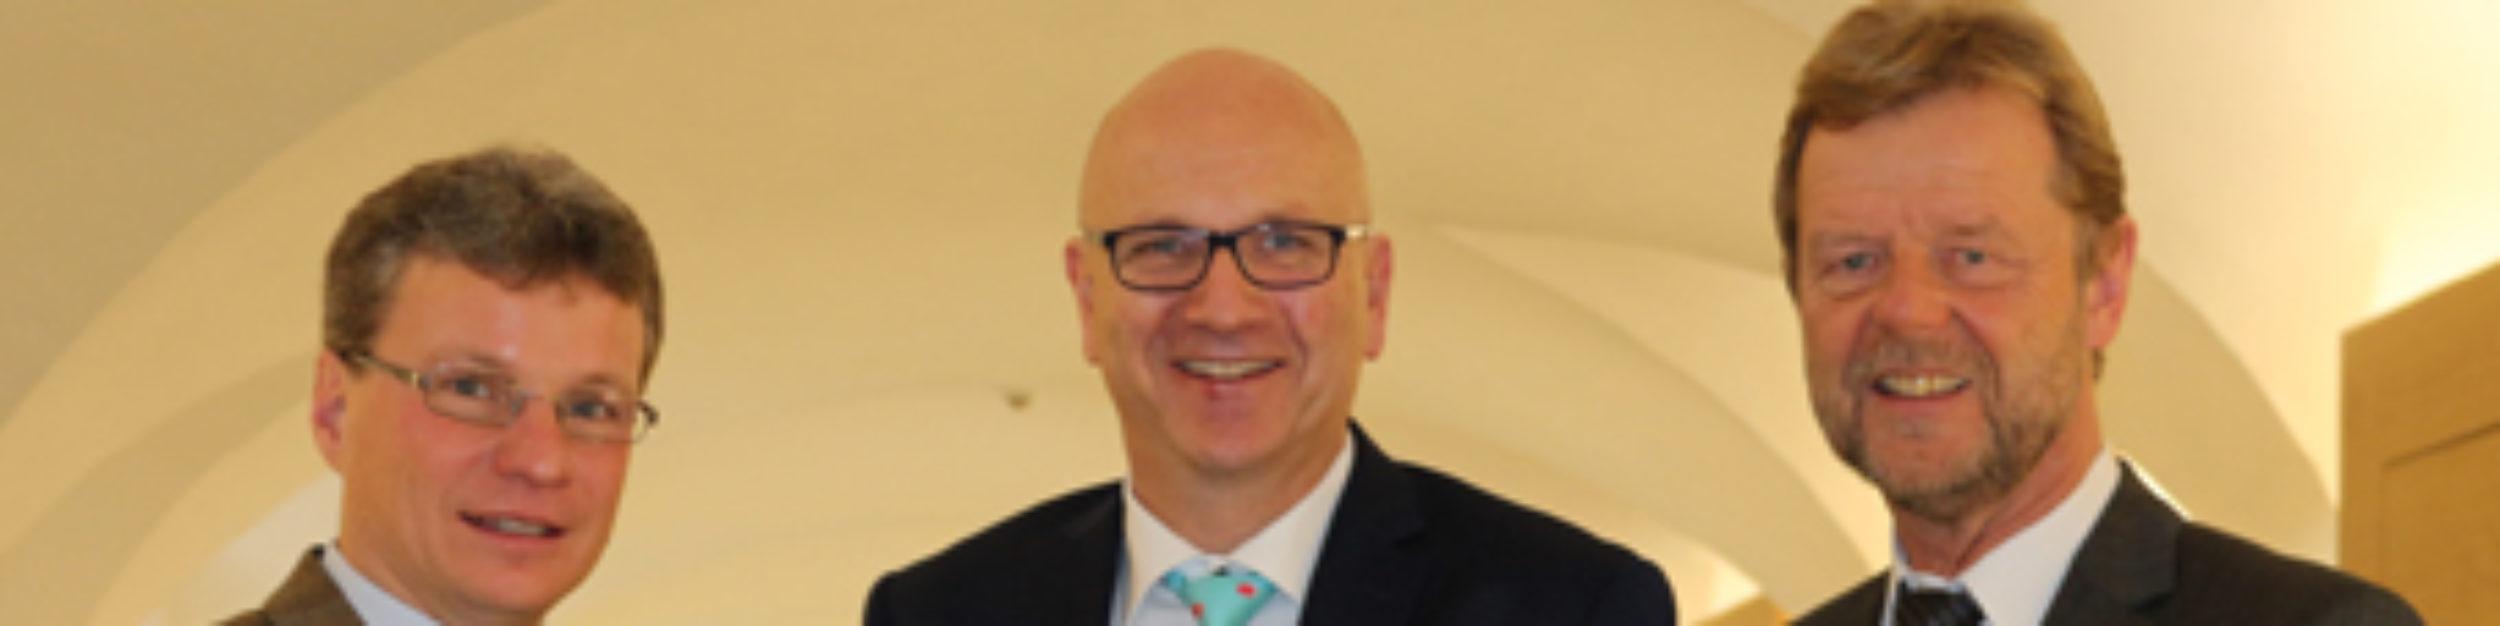 Der Bürgermeister für Abensberg